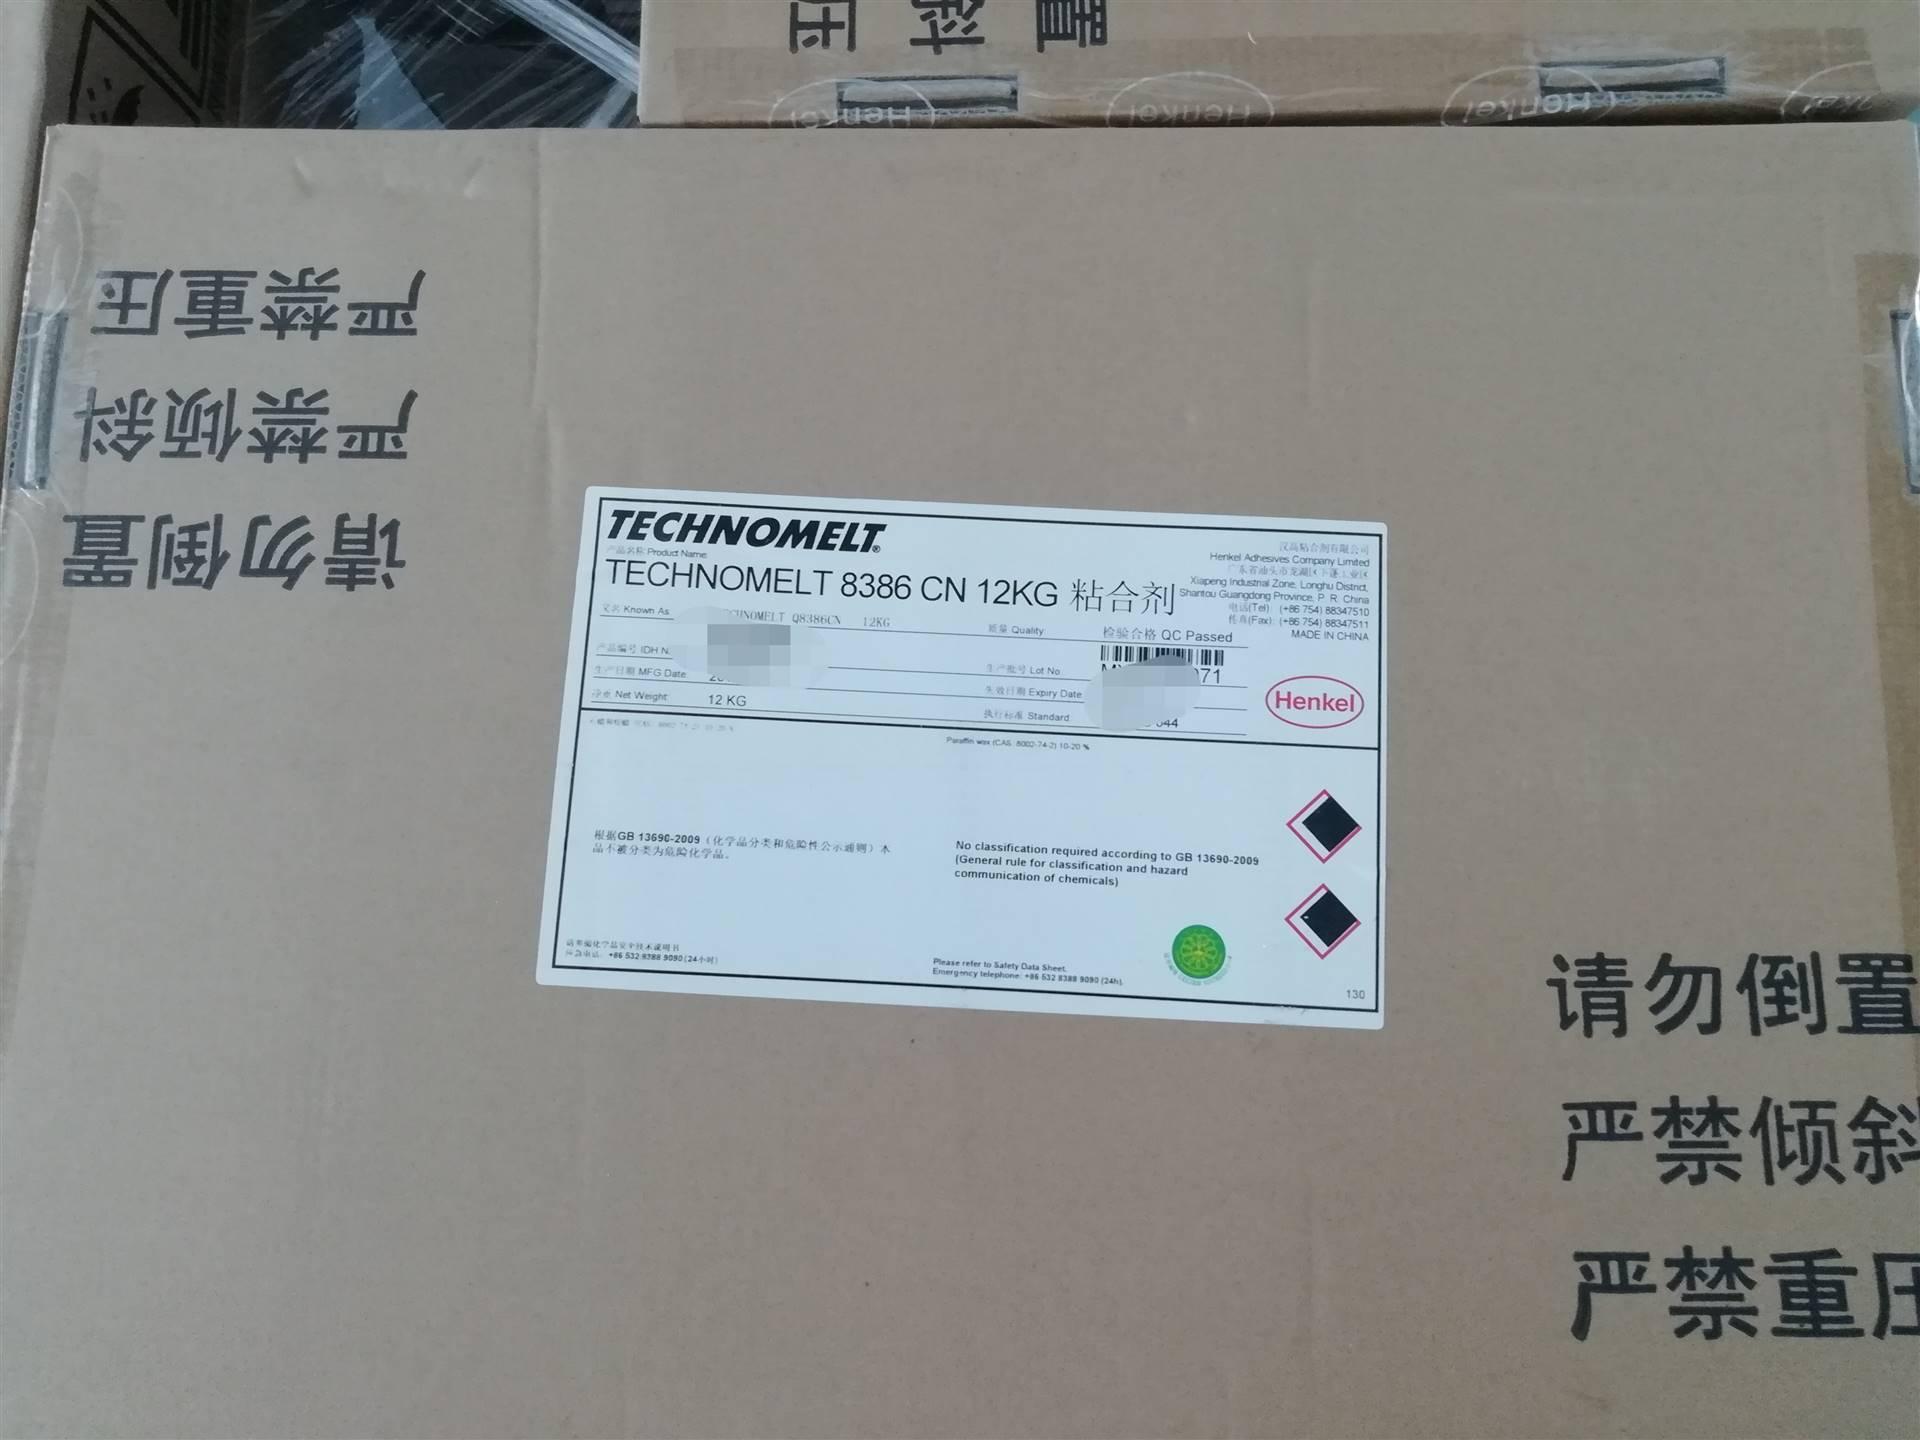 汉高8386CN热熔胶